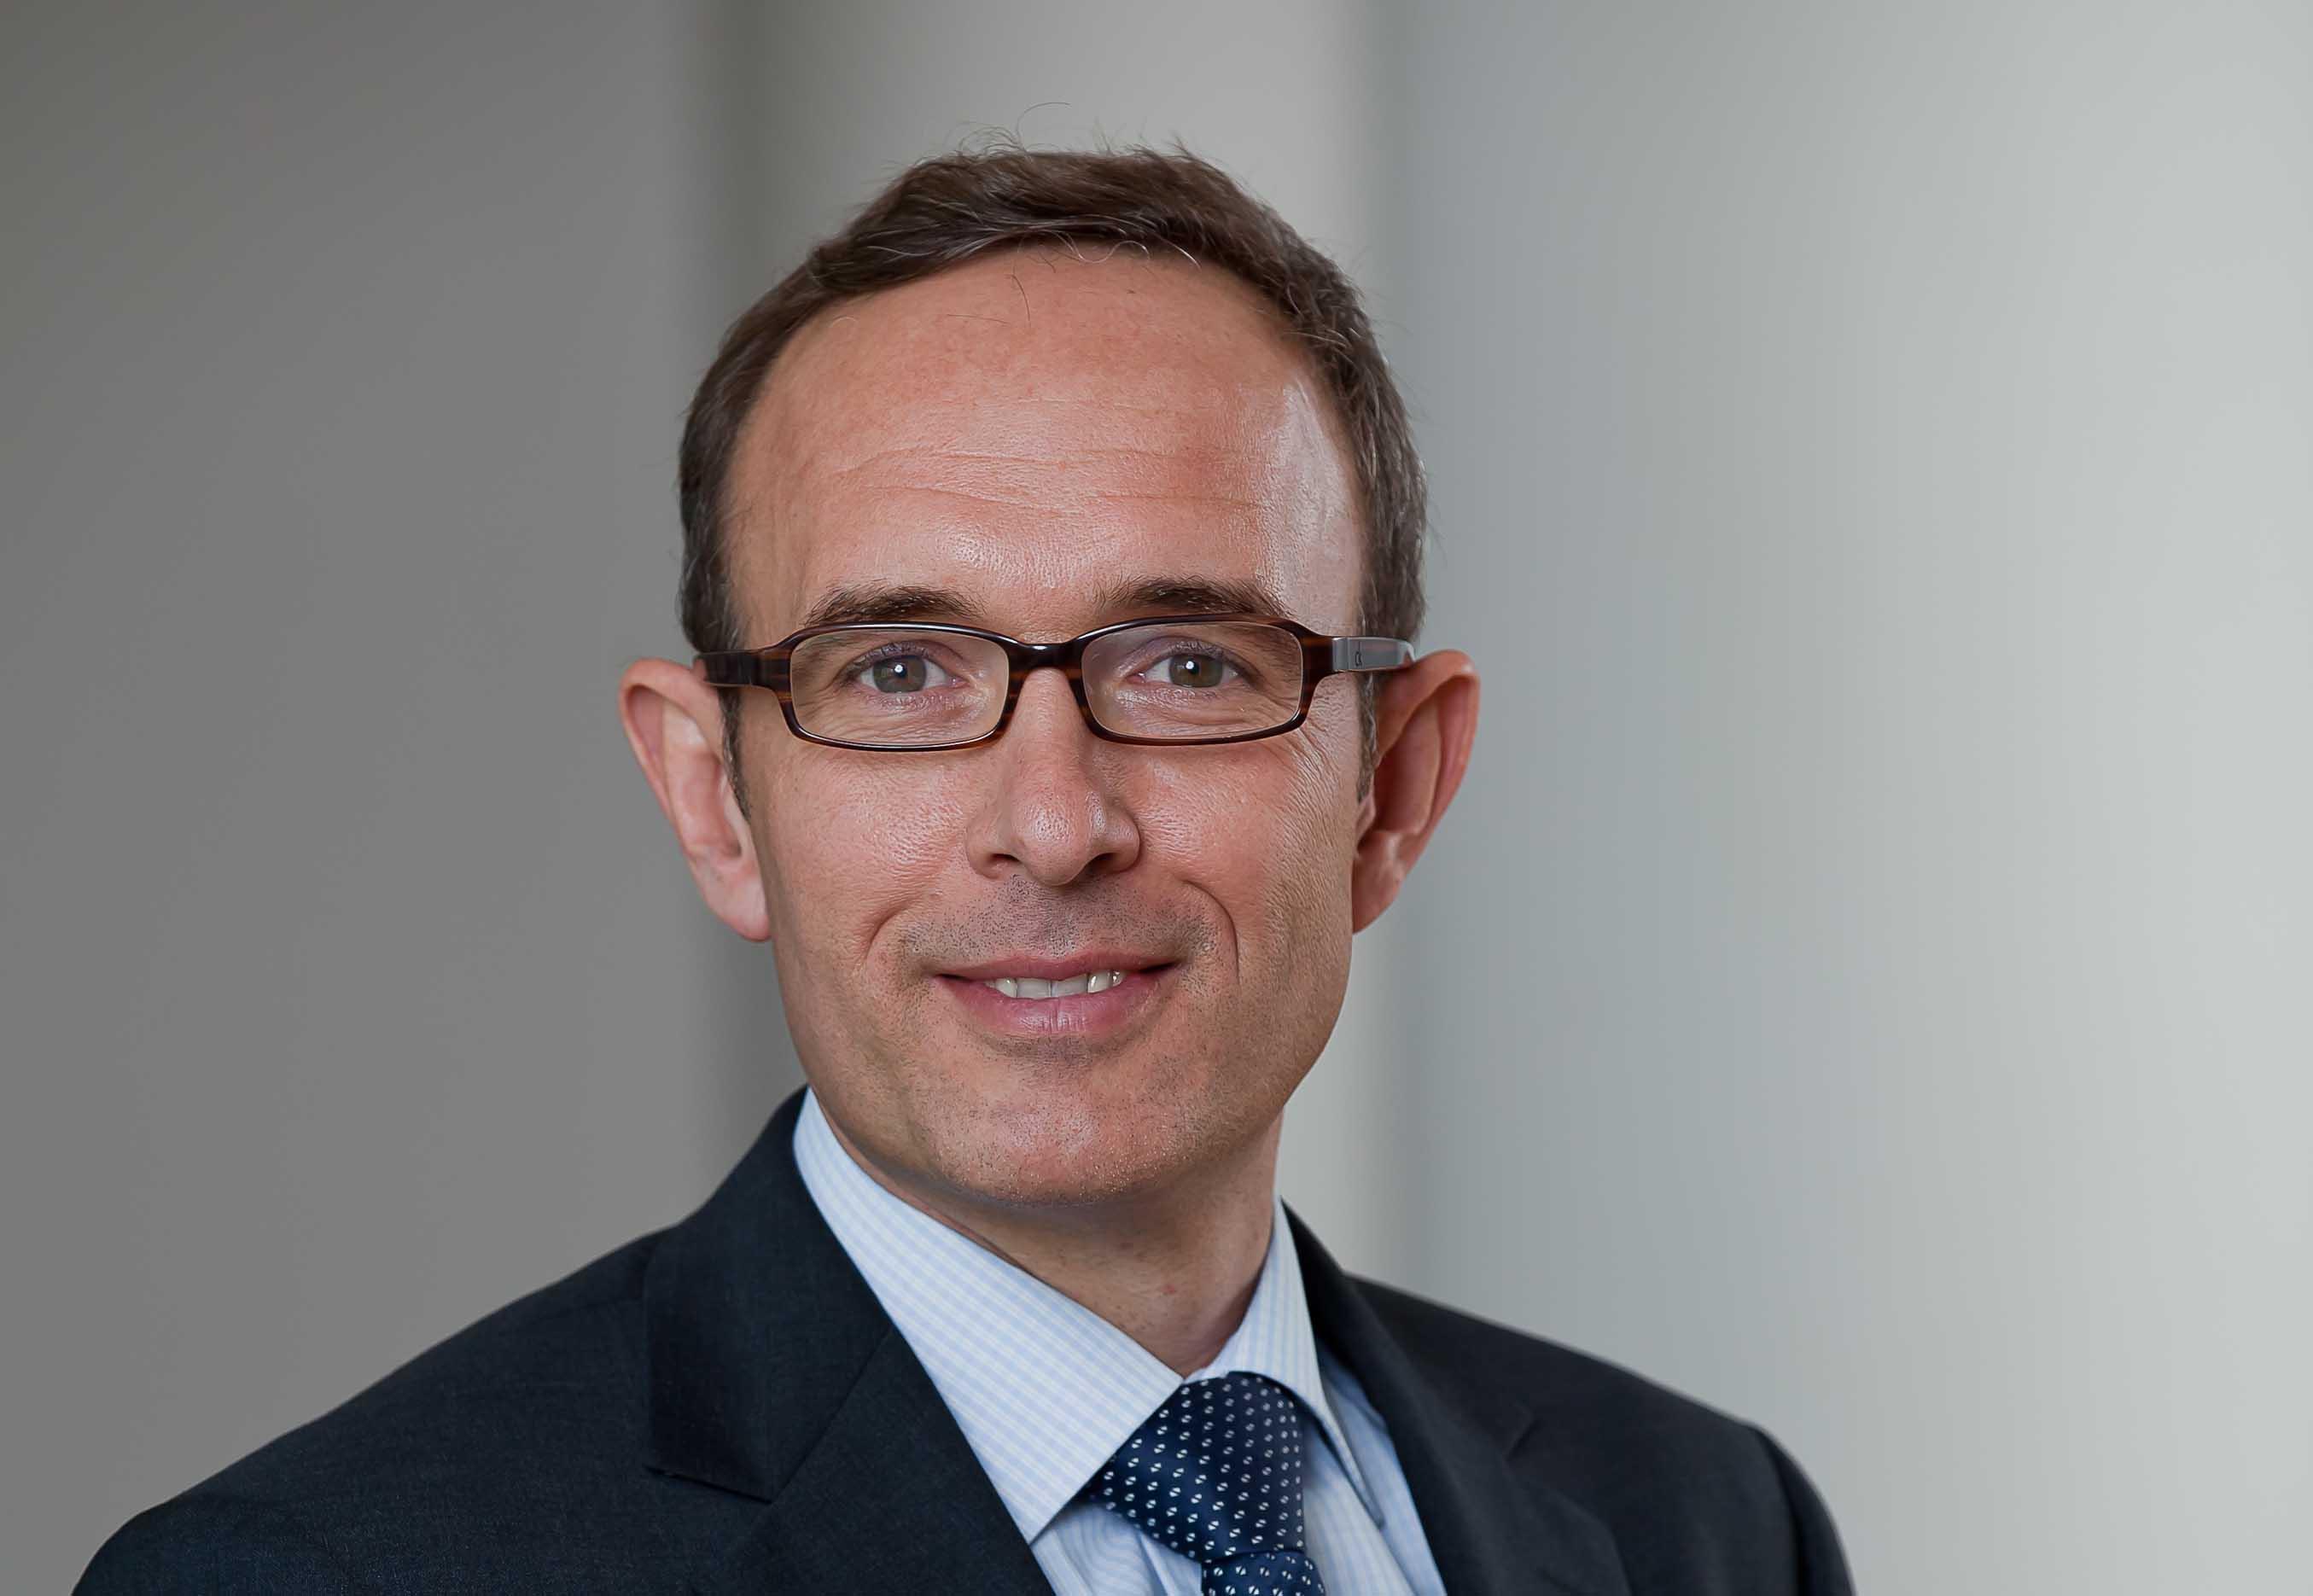 Prof. Dr. Große-Holtforth